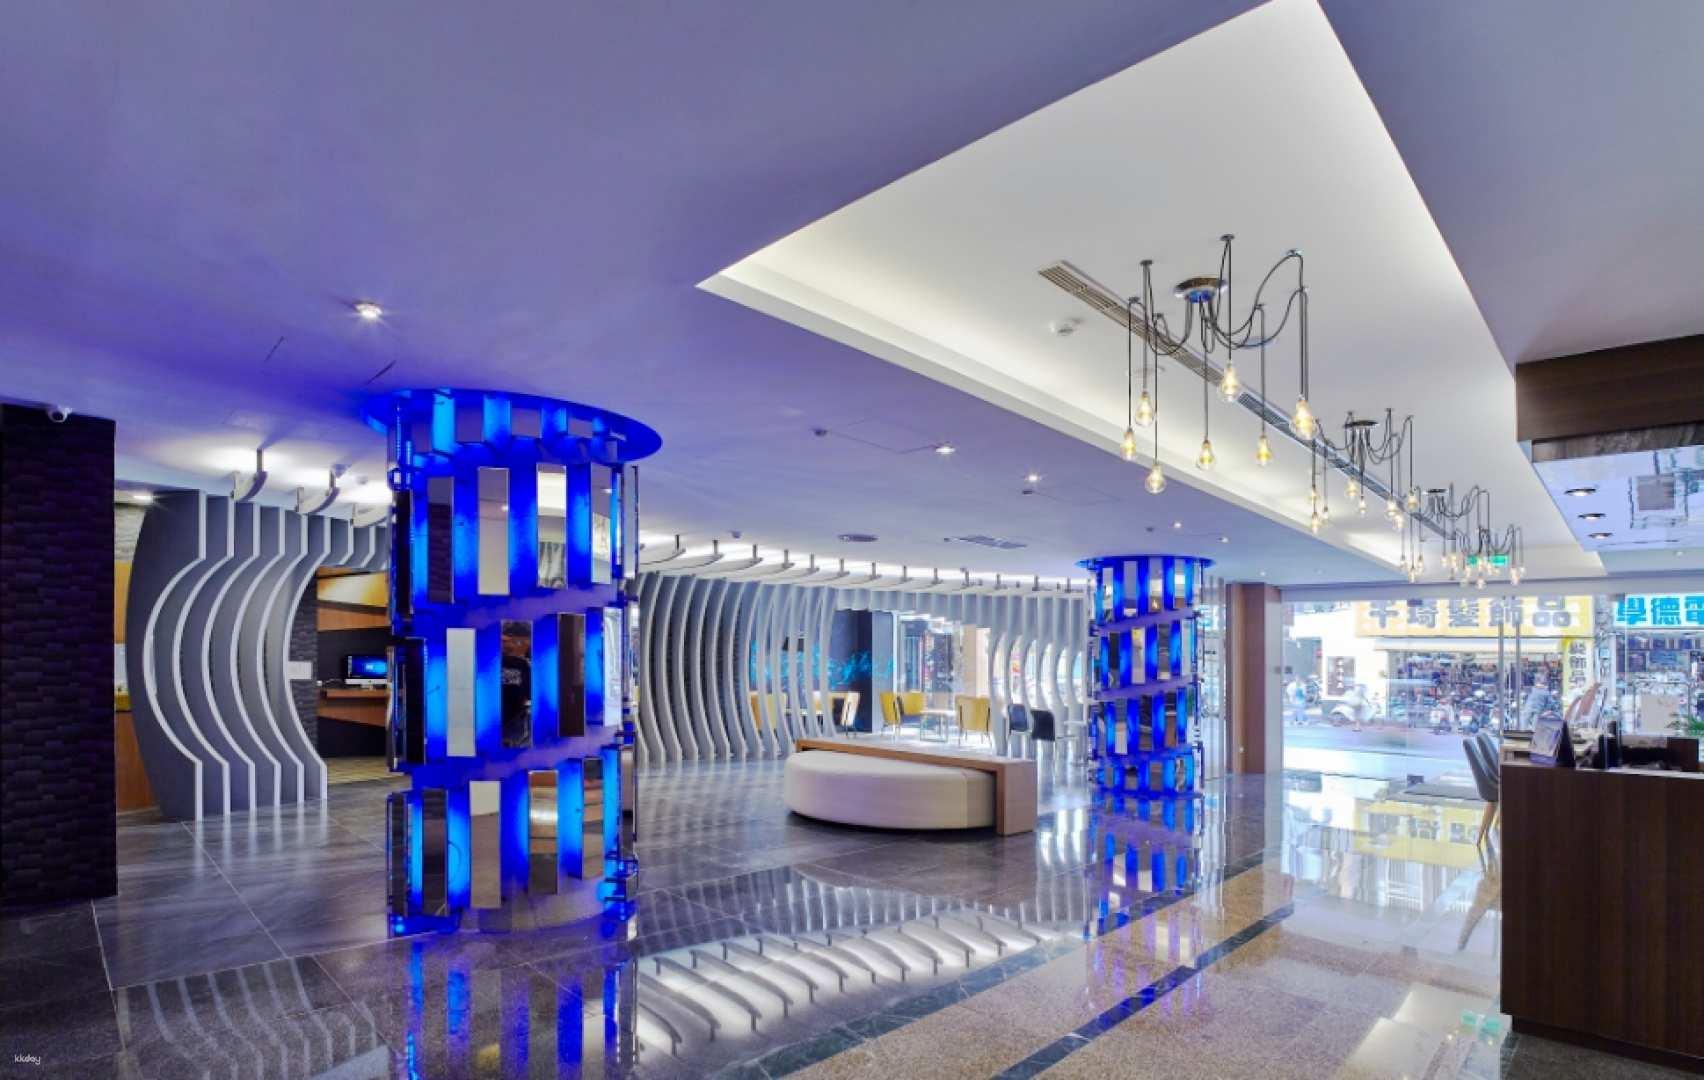 新竹-(防疫旅館)悅豪大飯店新竹館| 一泊三食-15晚居家檢疫專案| 零接觸入住